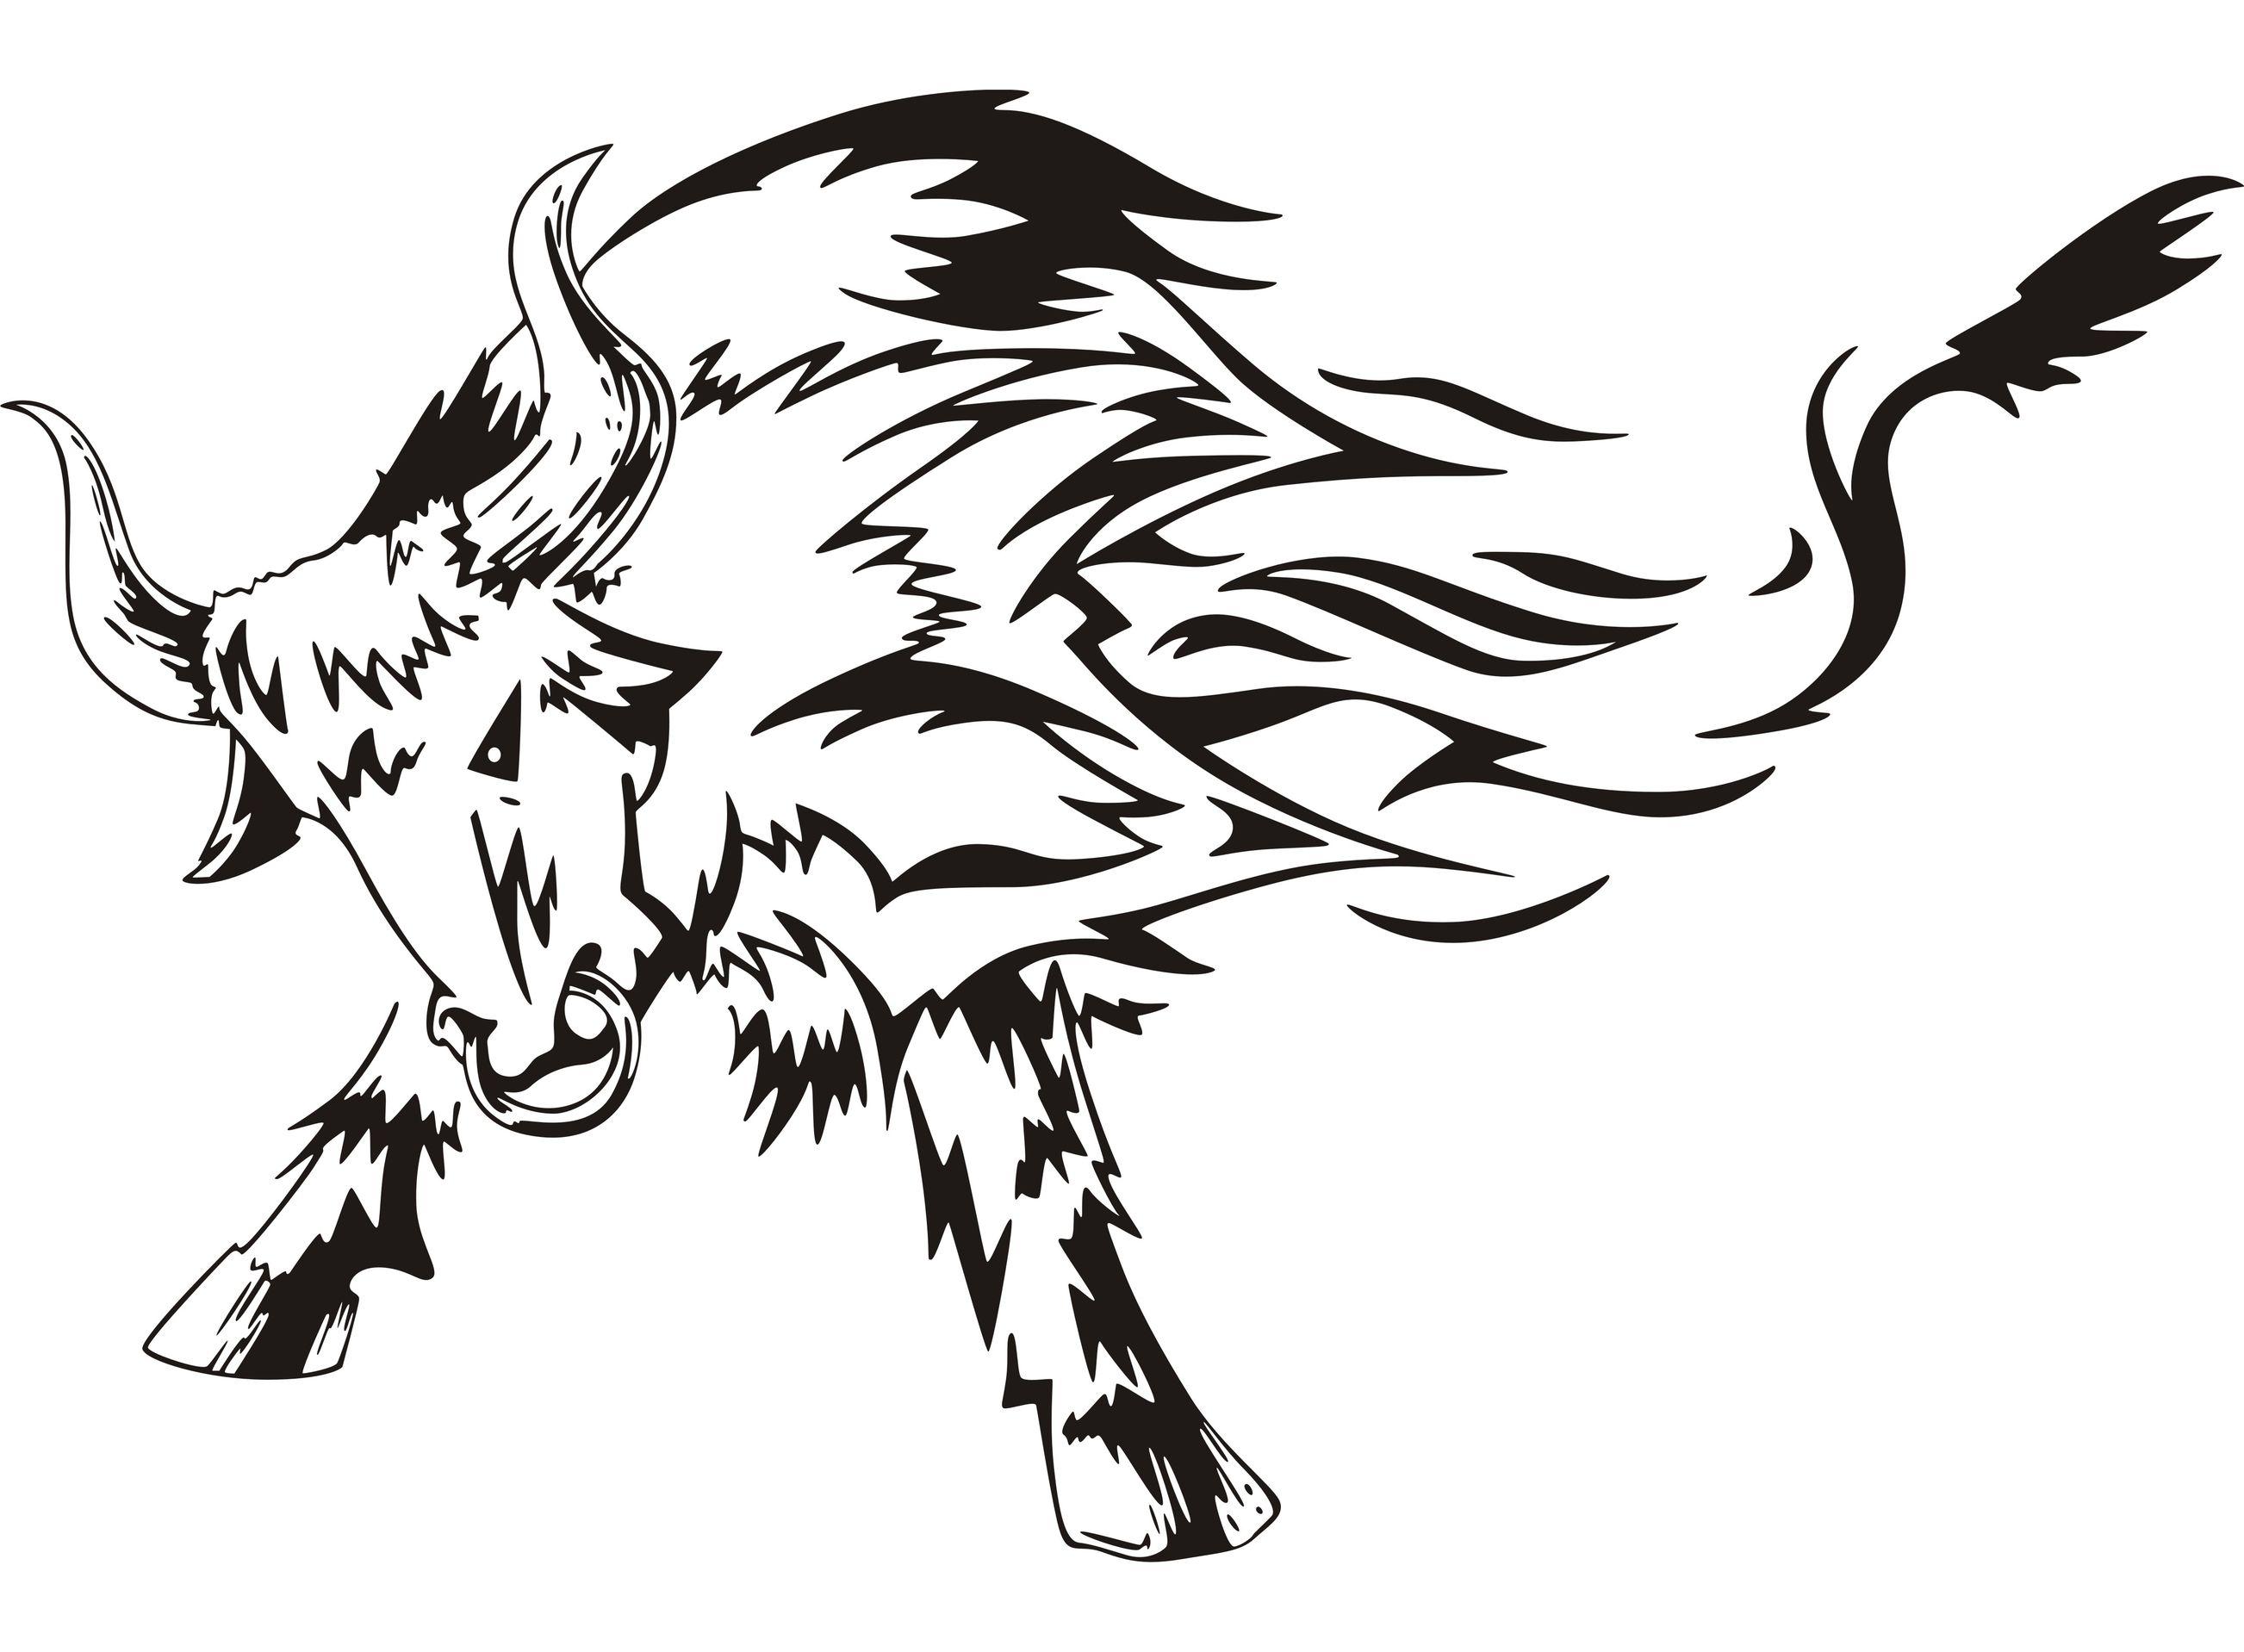 2605x1918 Angry Bull Tattoo.jpg Tattoo Designs